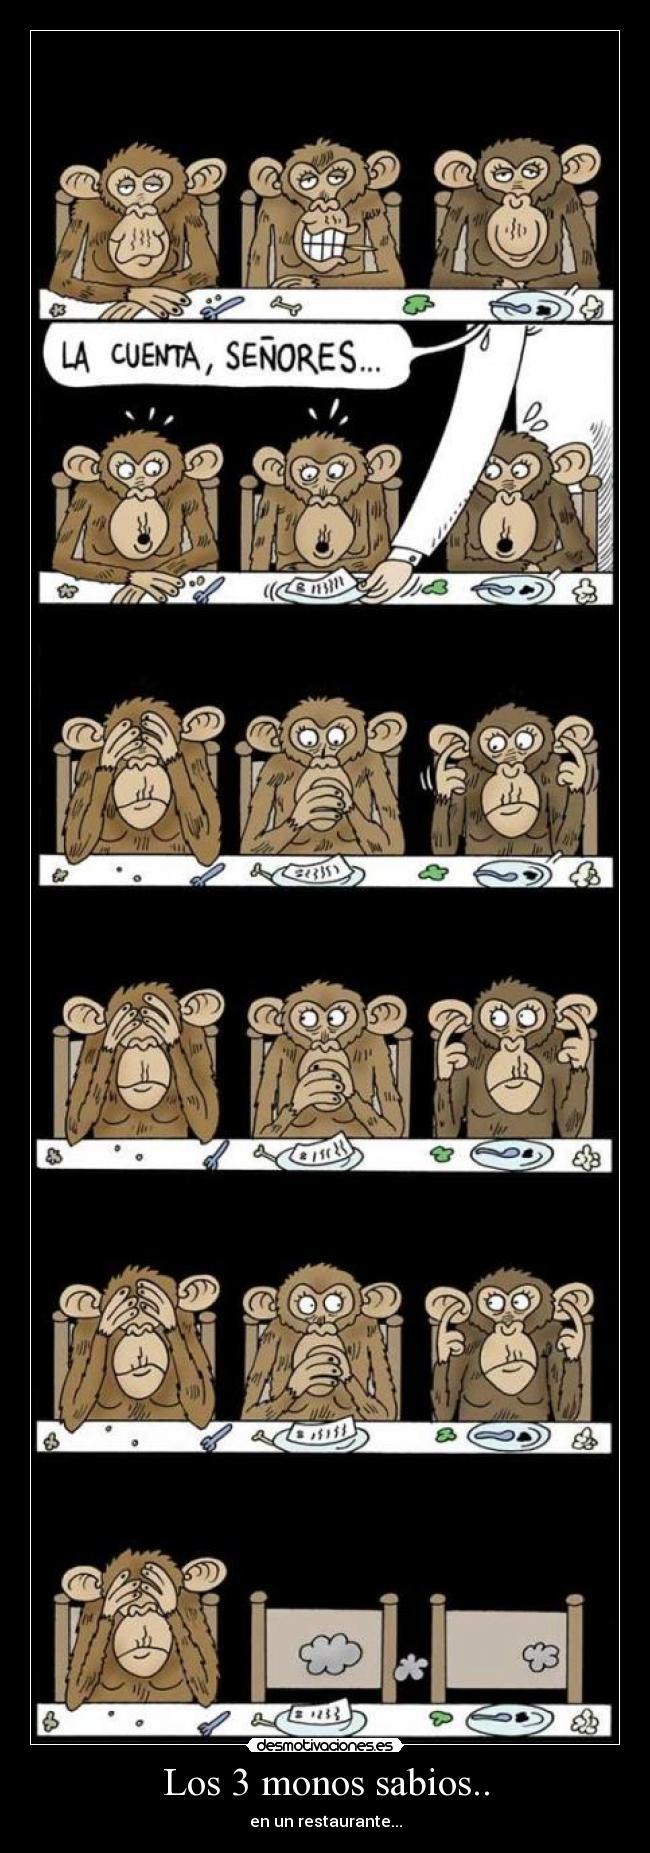 3 Monos Sabios Tatuajes los 3 monos sabios..   desmotivaciones